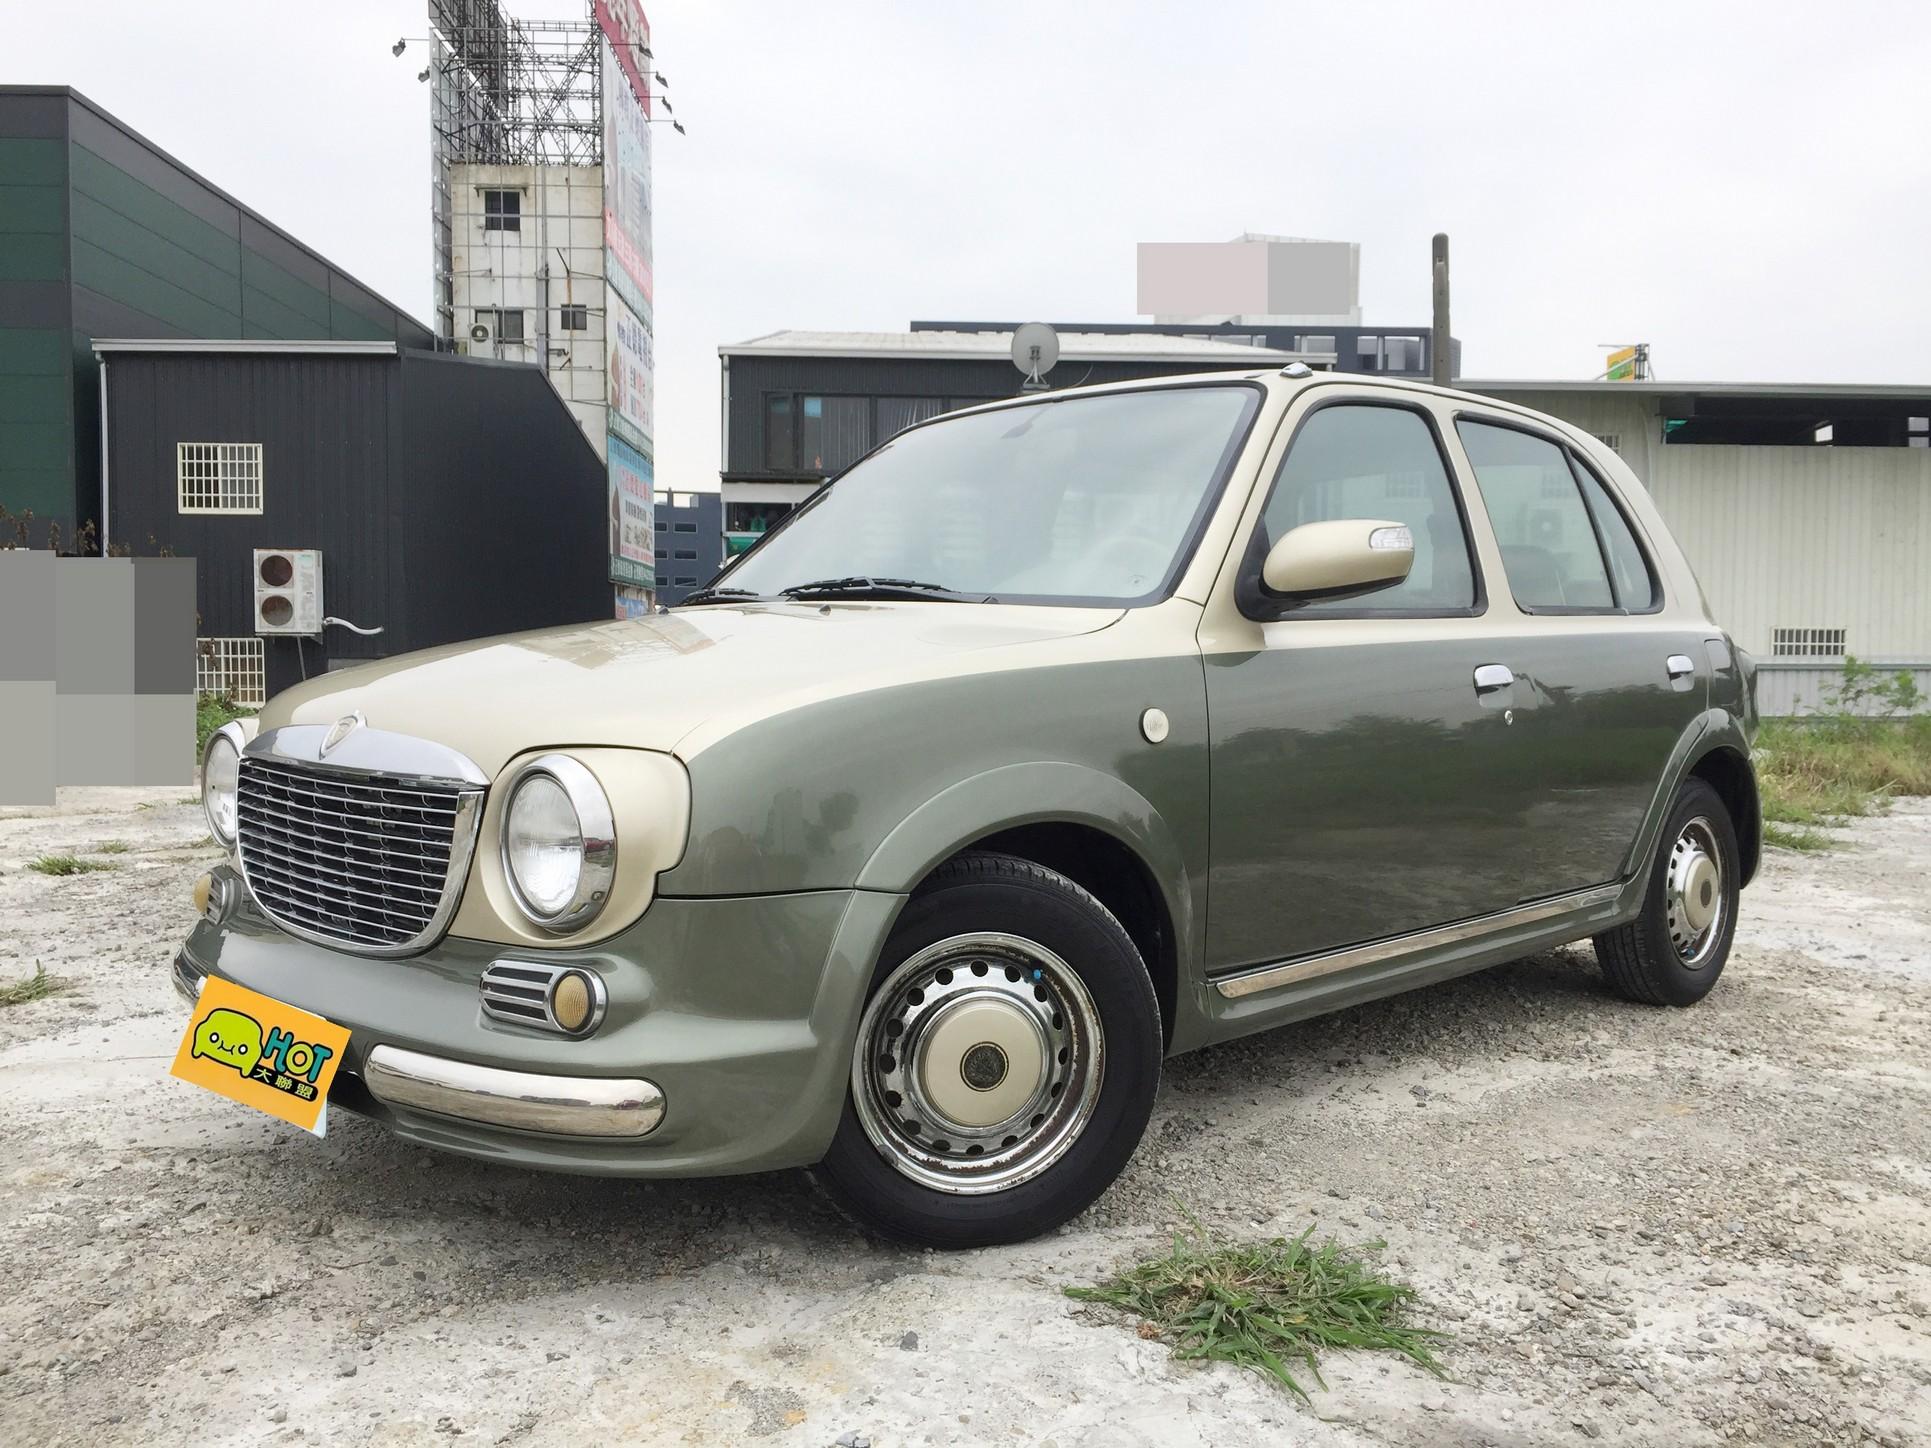 2005 Nissan 其他